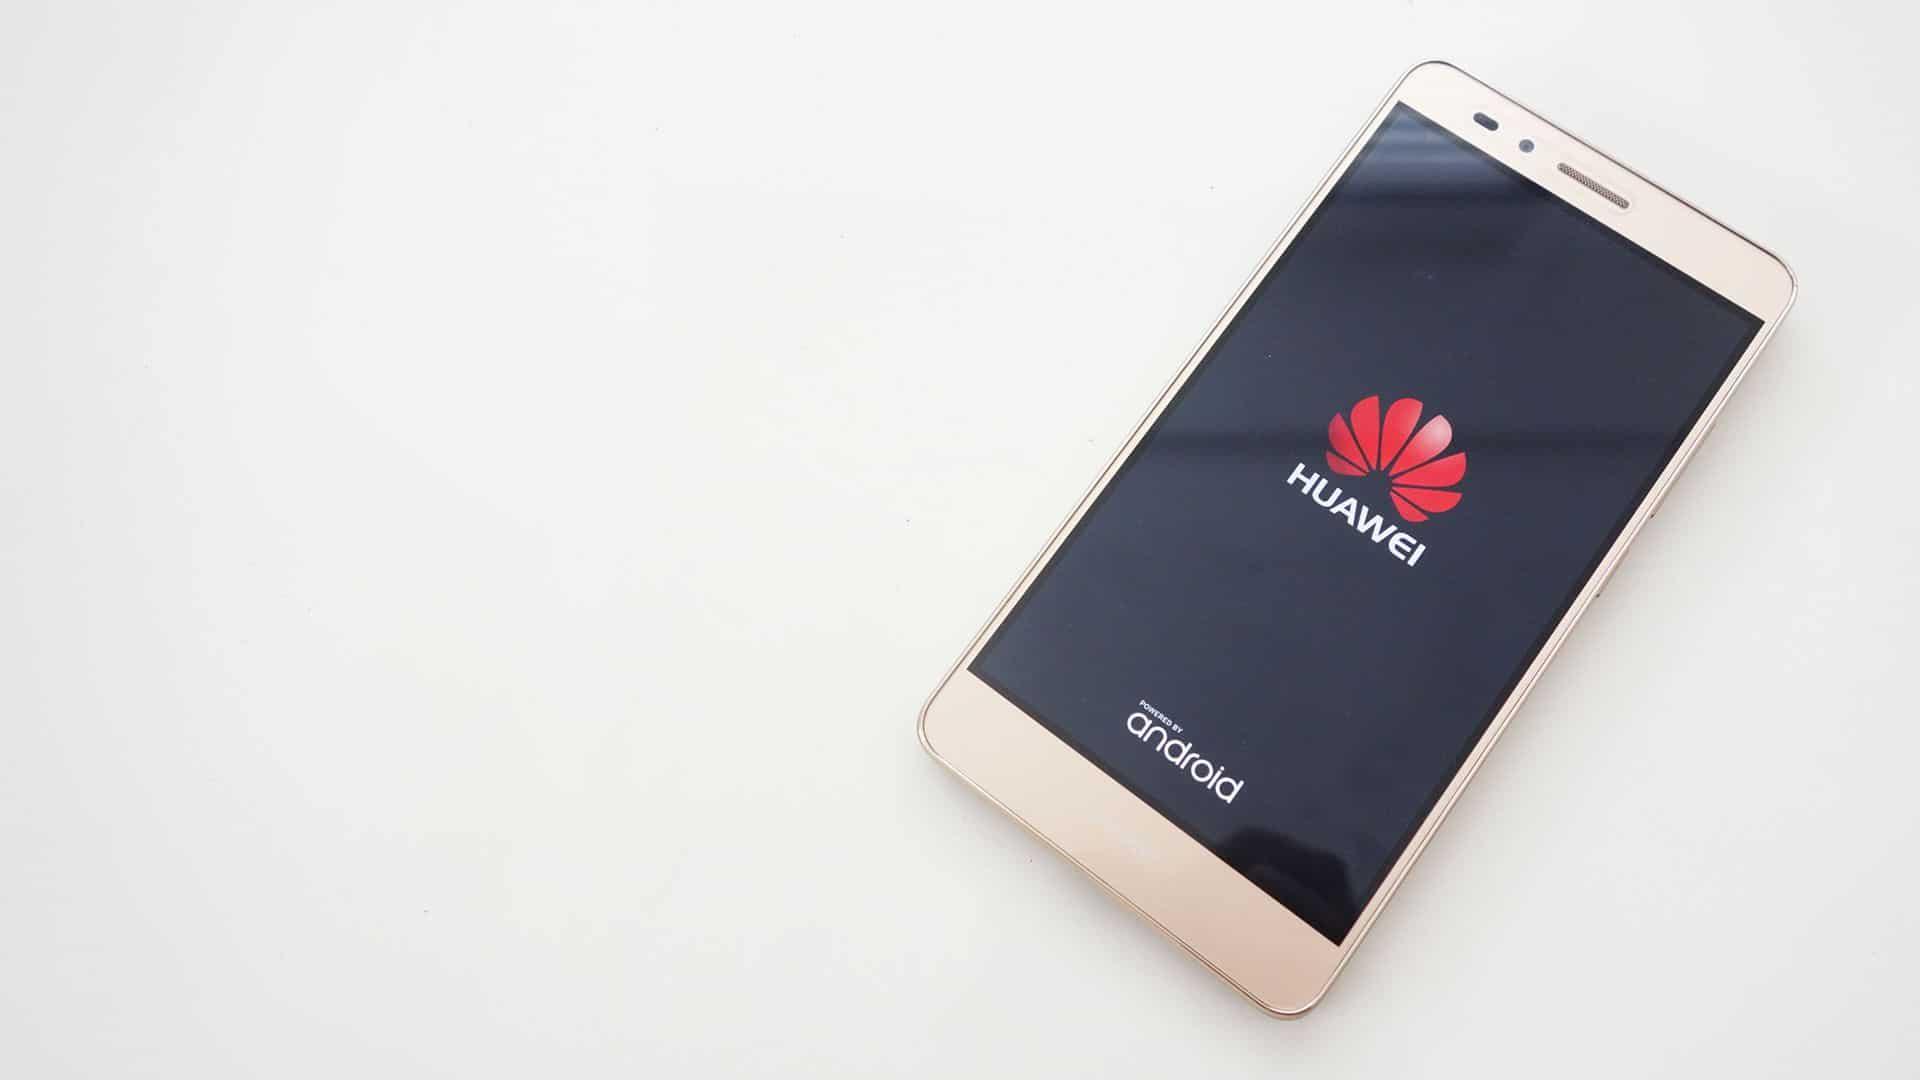 amazon Huawei GR5 reviews Huawei GR5 on amazon newest Huawei GR5 prices of Huawei GR5 Huawei GR5 deals best deals on Huawei GR5 buying a Huawei GR5 lastest Huawei GR5 what is a Huawei GR5 Huawei GR5 at amazon where to buy Huawei GR5 where can i you get a Huawei GR5 online purchase Huawei GR5 Huawei GR5 sale off Huawei GR5 discount cheapest Huawei GR5 Huawei GR5 for sale